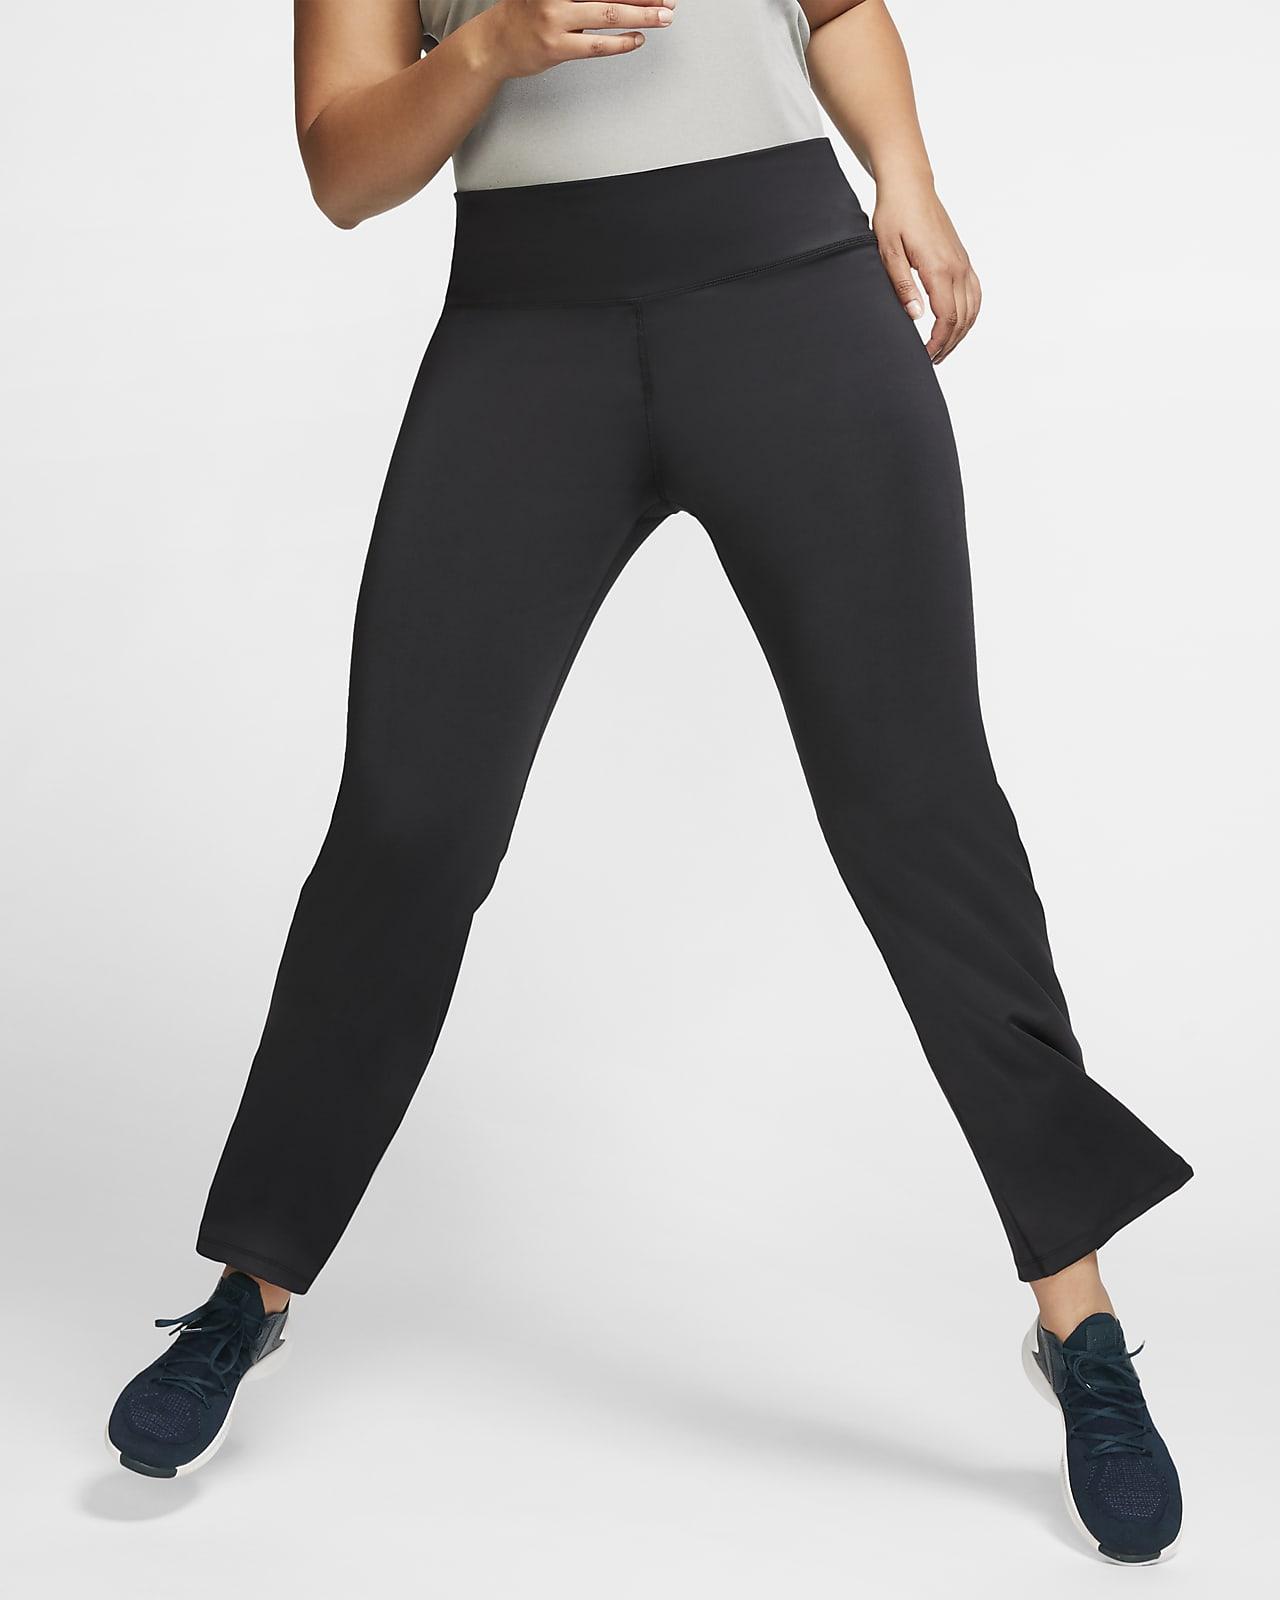 Träningsbyxor Nike Power för kvinnor (stora storlekar)